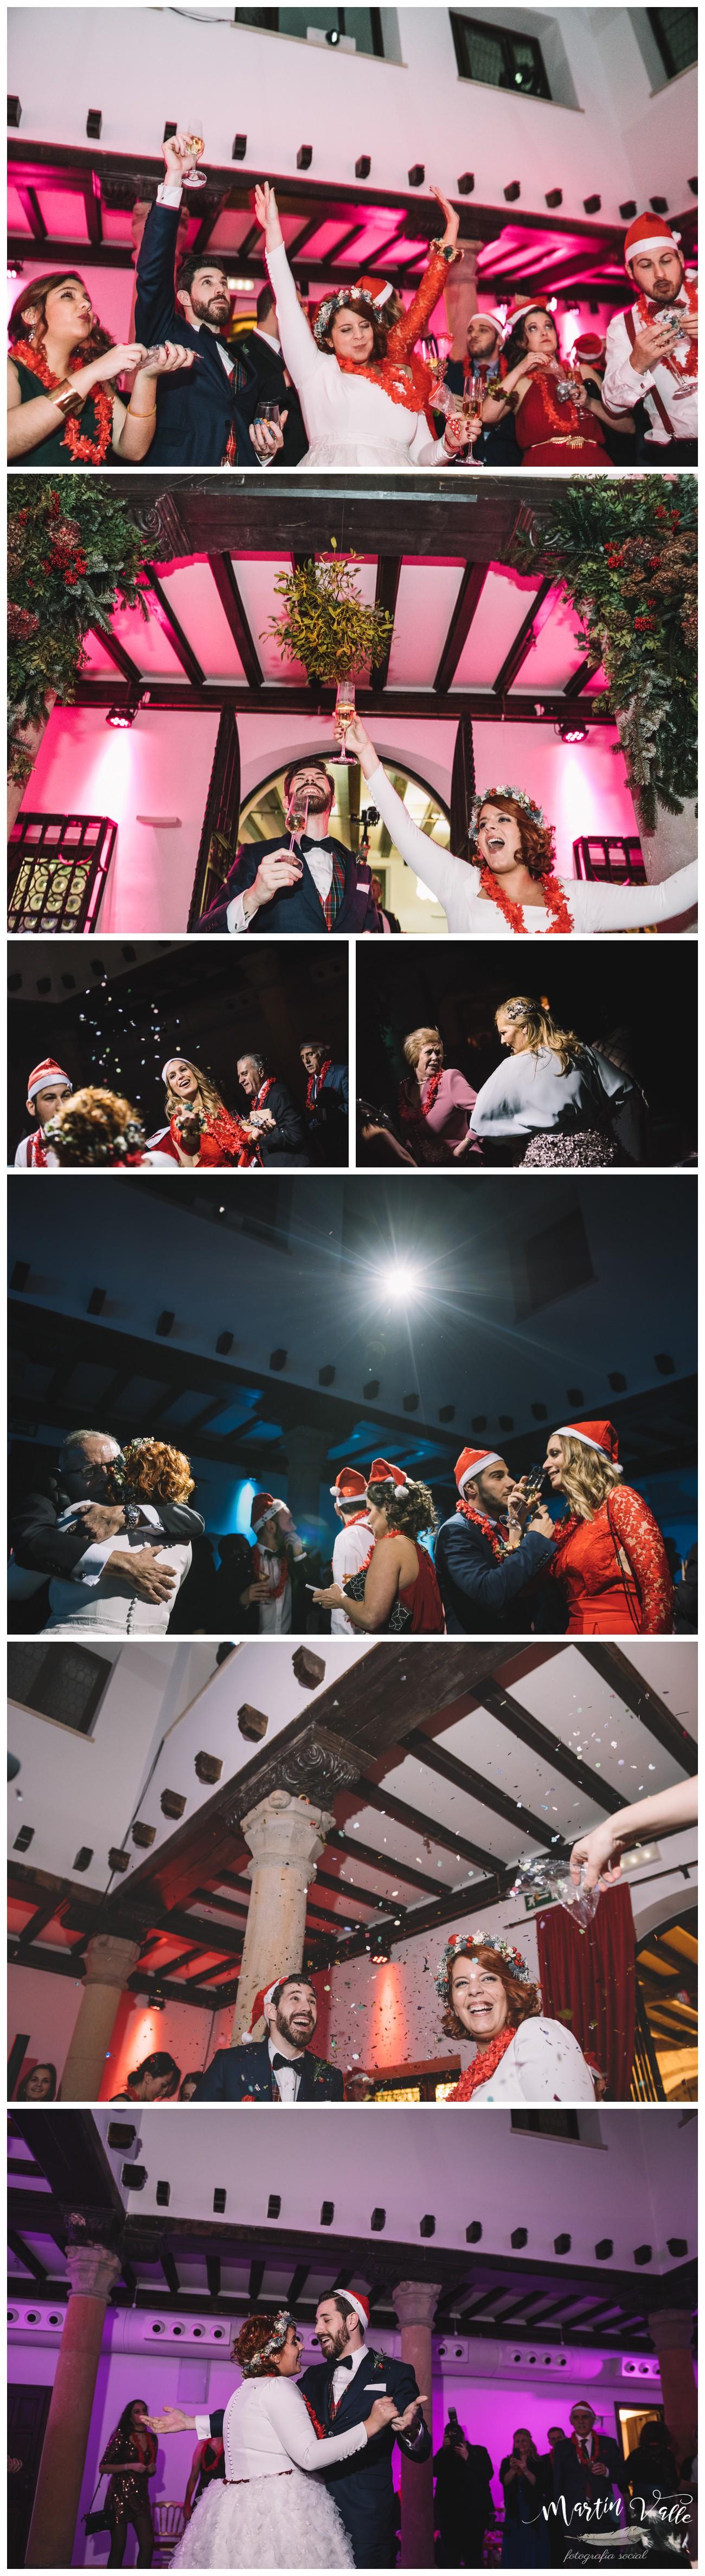 Reportaje de boda de estilo navideño celebrada en nochevieja